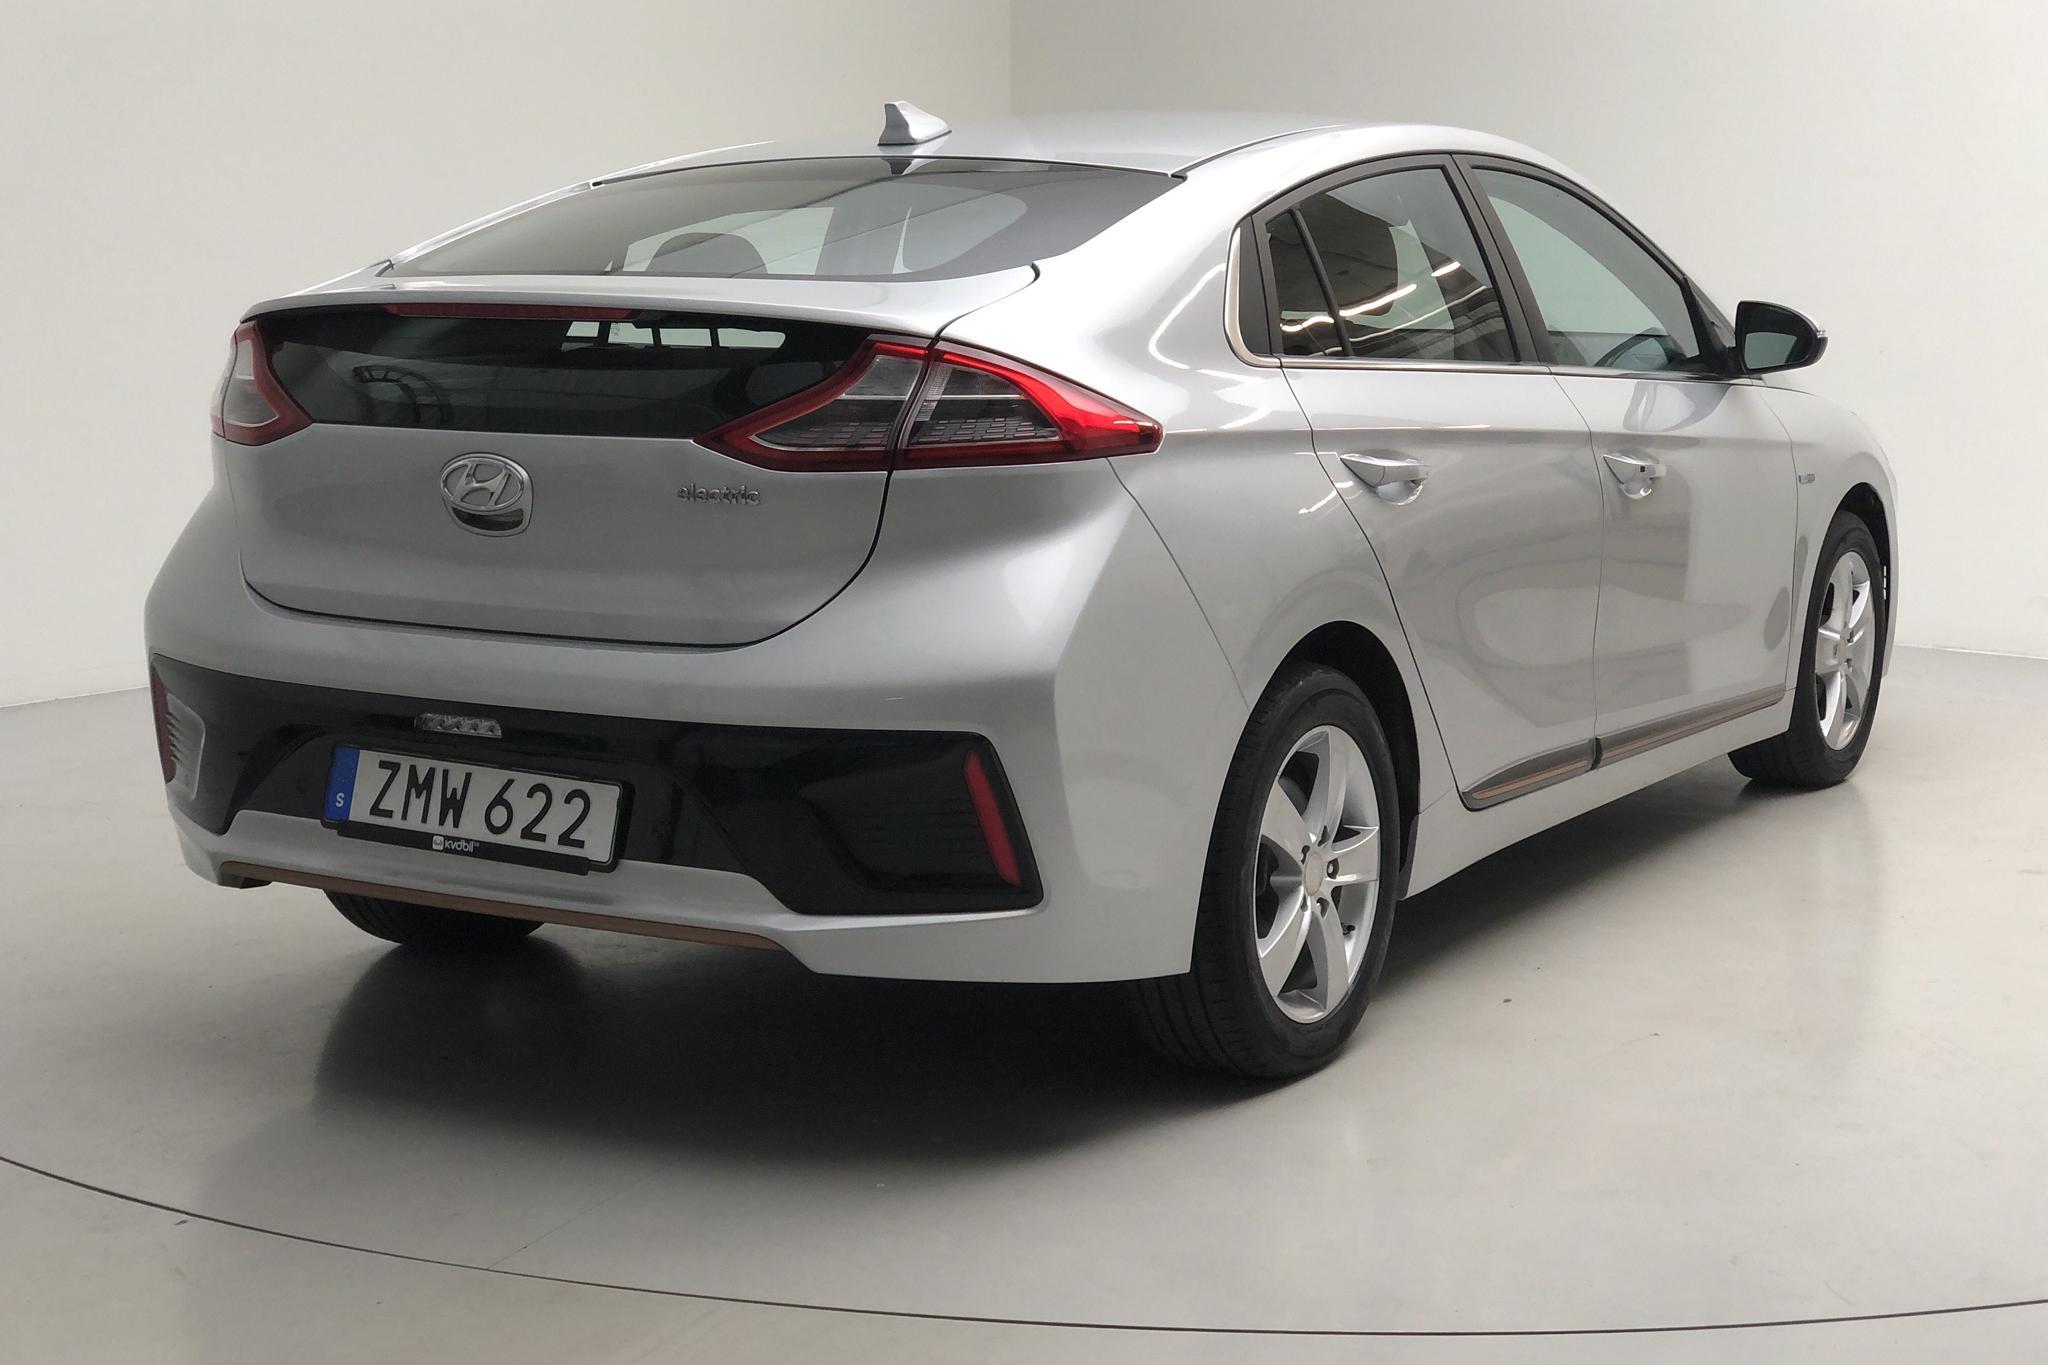 Hyundai IONIQ Electric (120hk) - 96 430 km - Automatic - gray - 2019